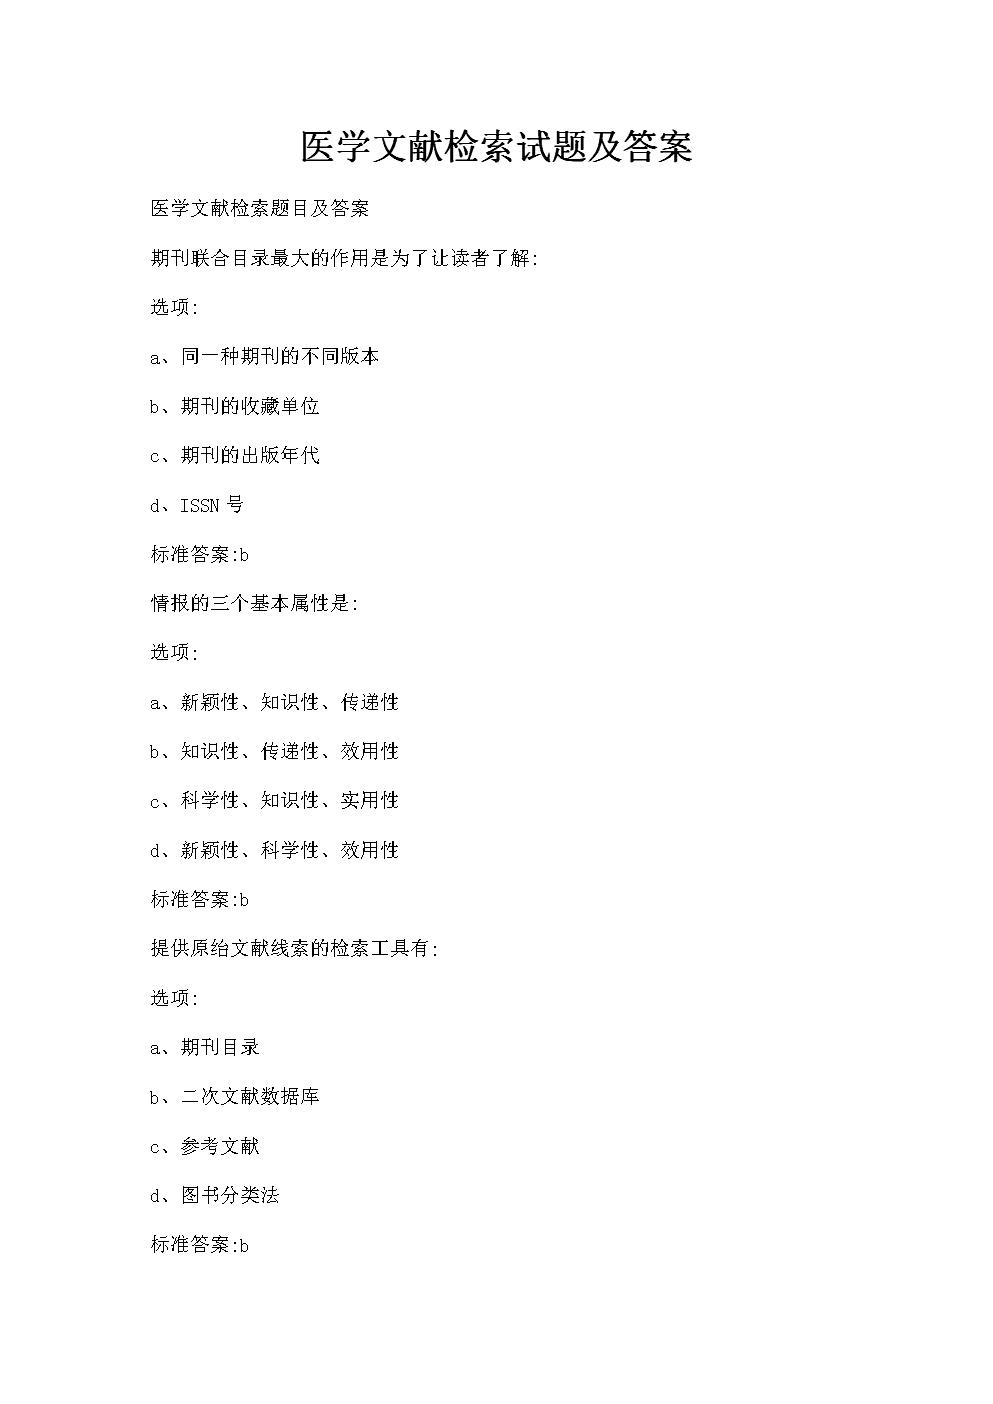 医学文献检索试题及答案(完整版).doc